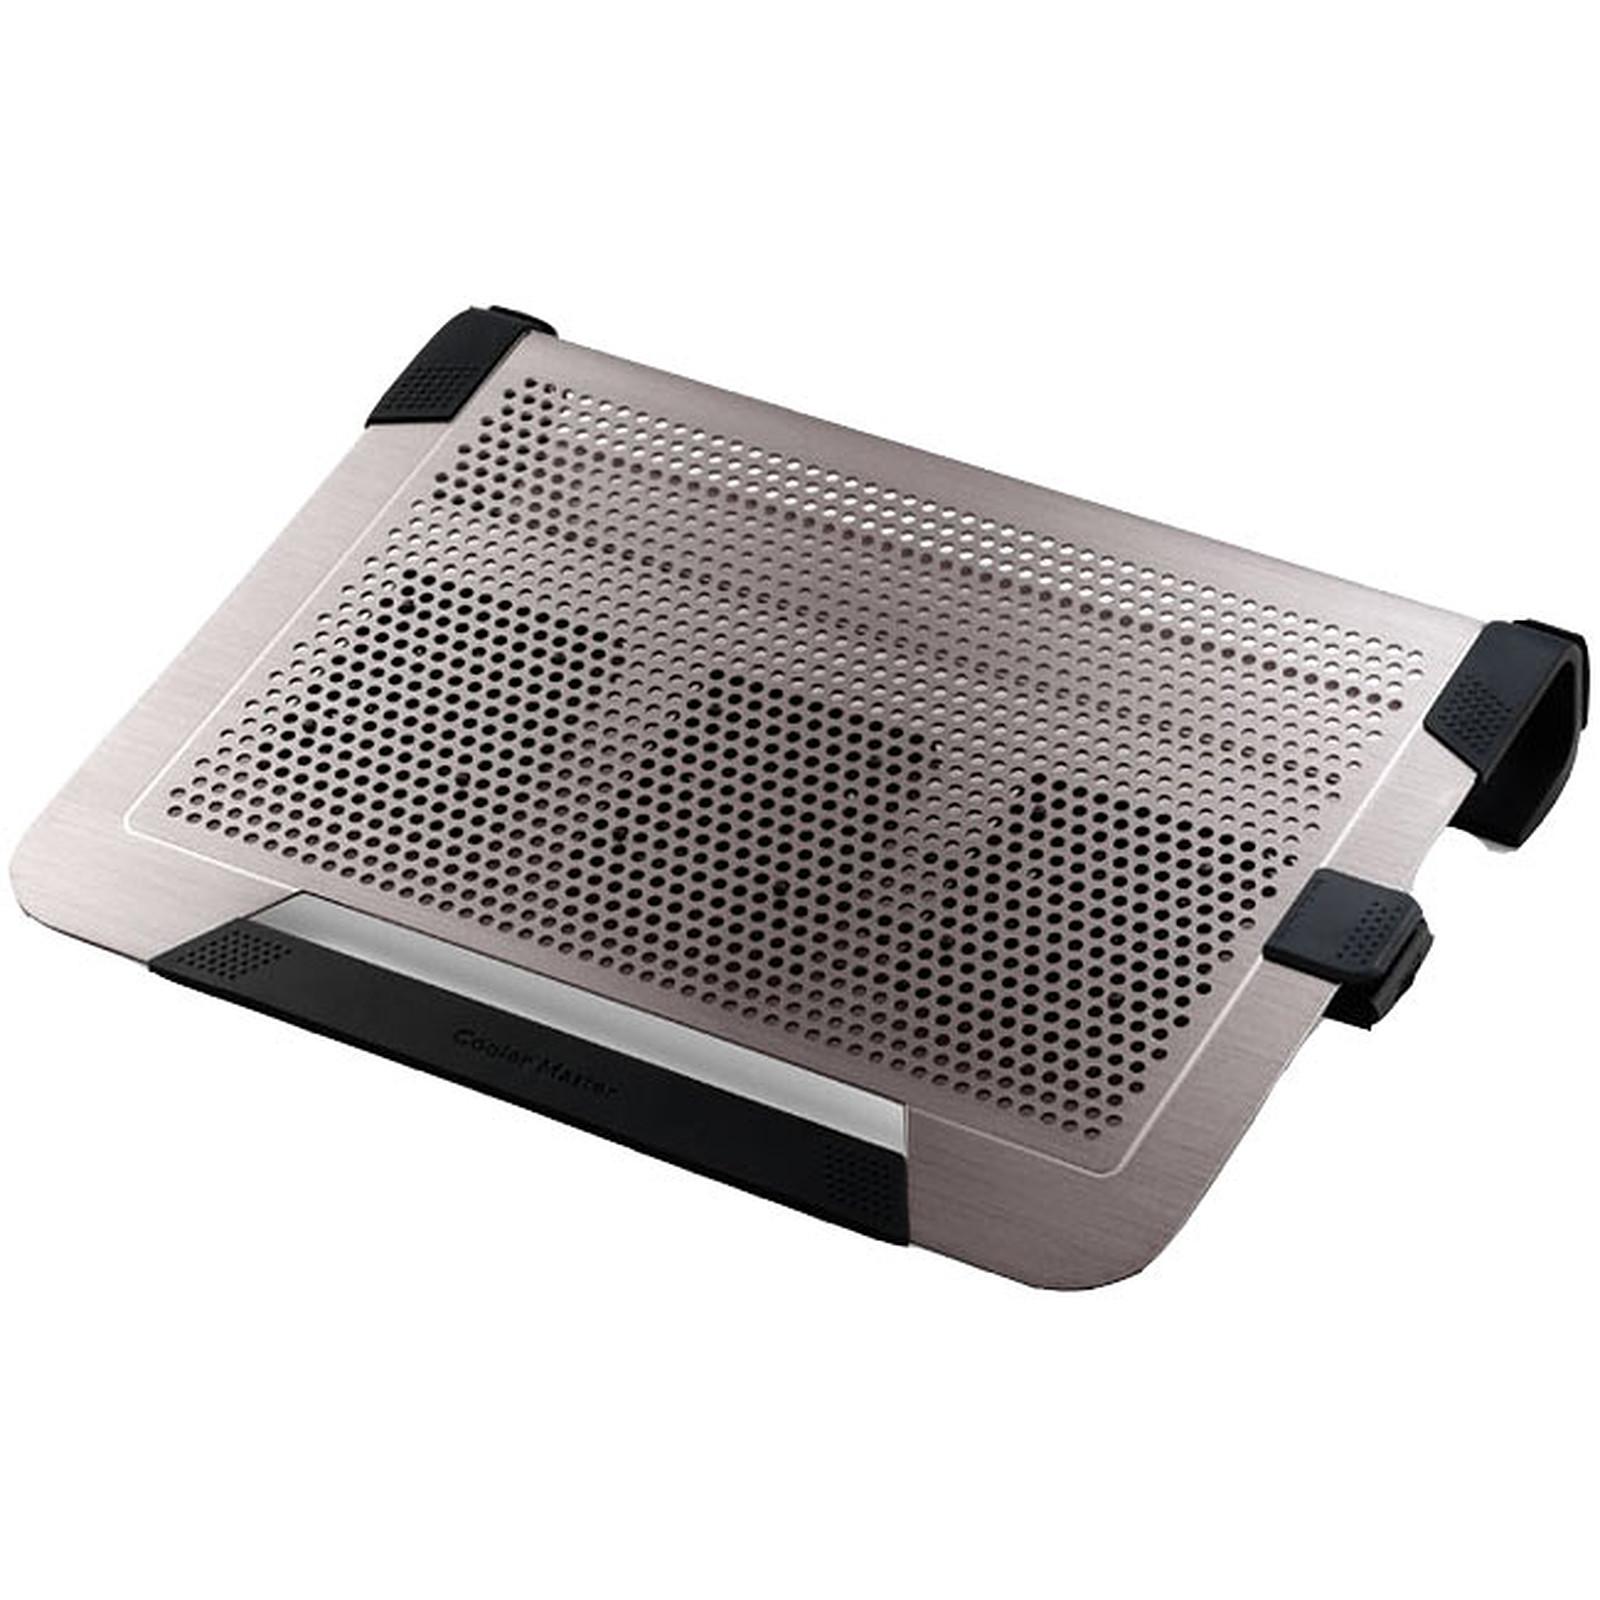 Cooler Master NotePal U3 Plus Titanium